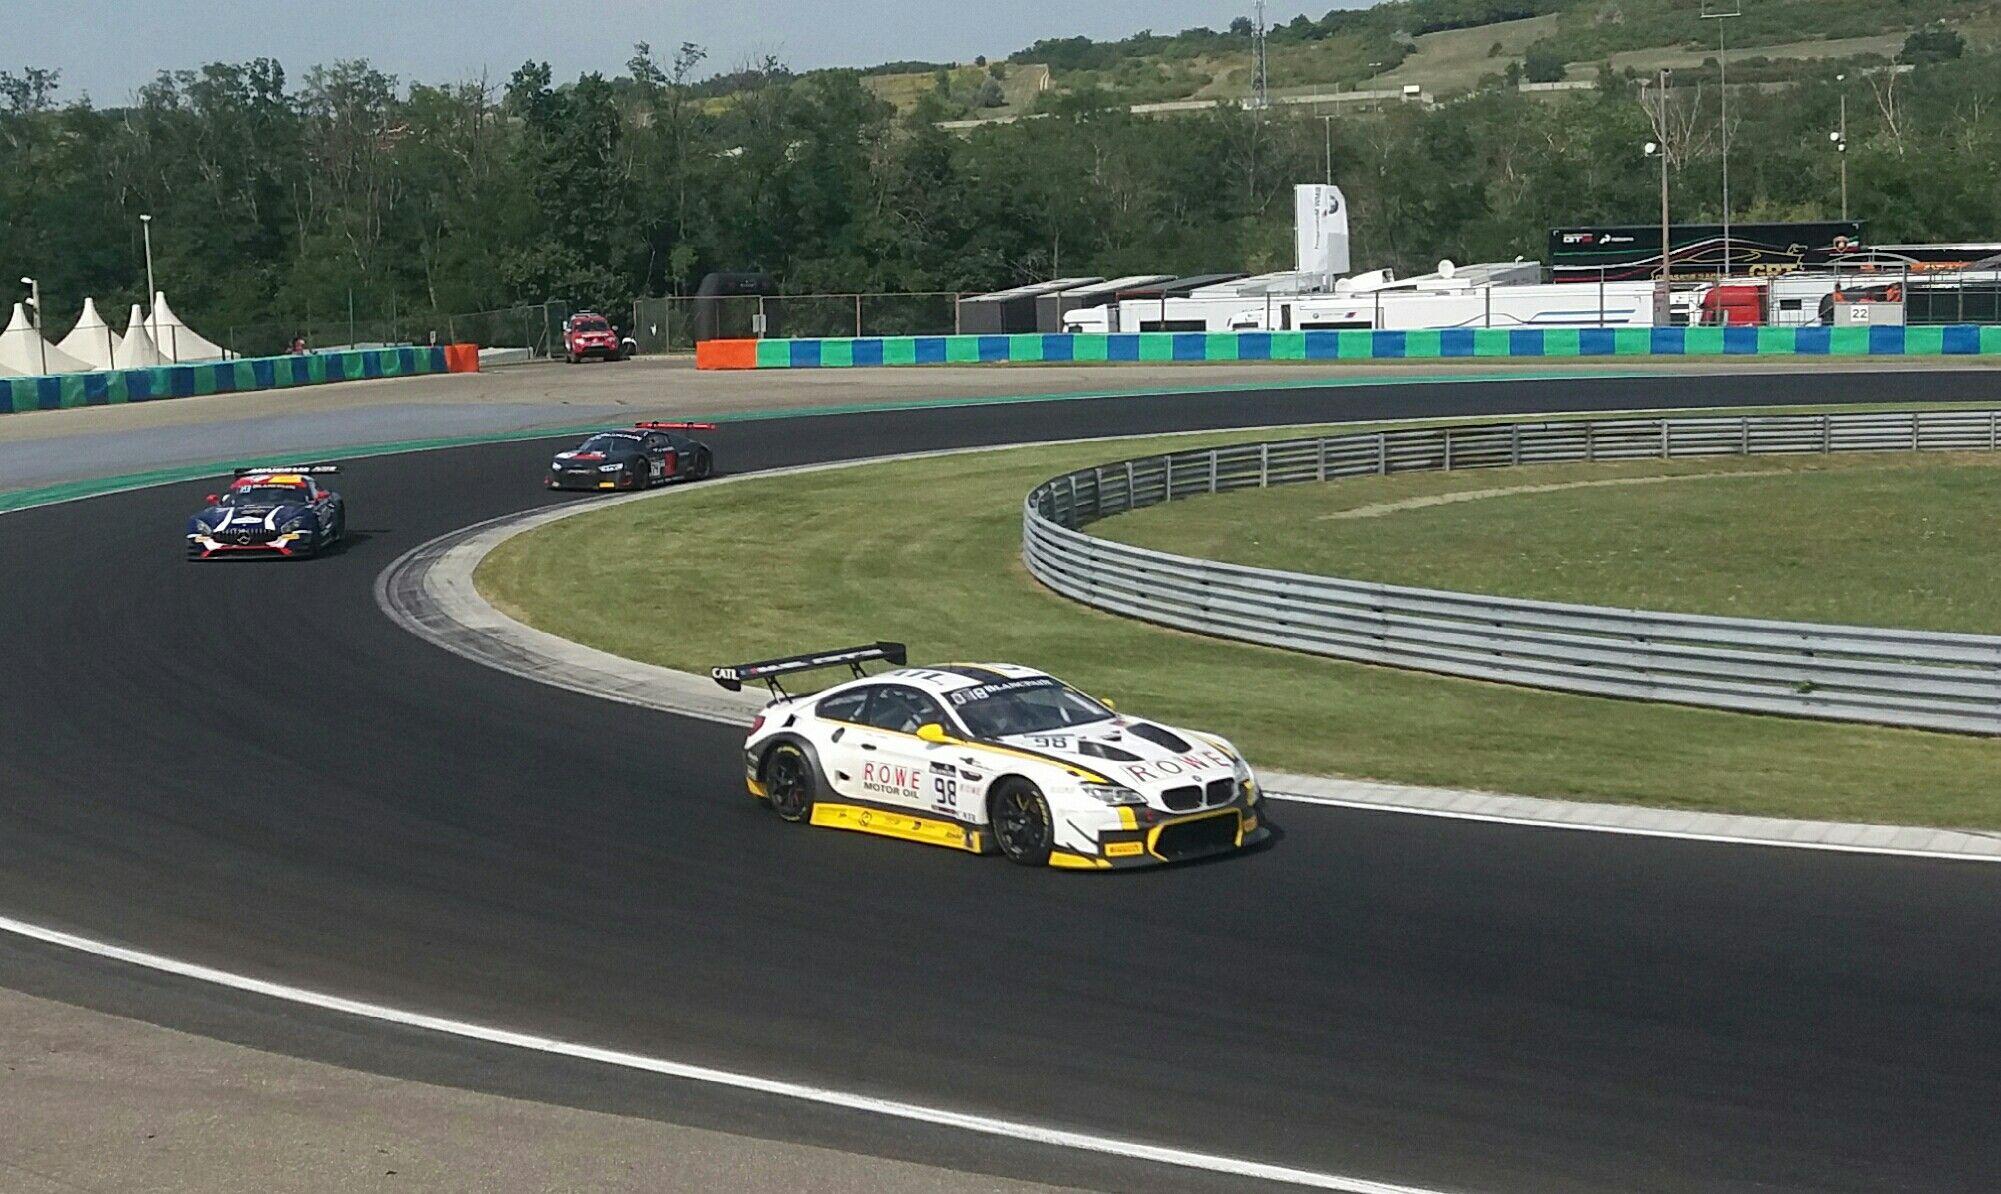 BLANCPAING GT HUNGARORING 2017 BMW M6 GT3 ROWE RACING